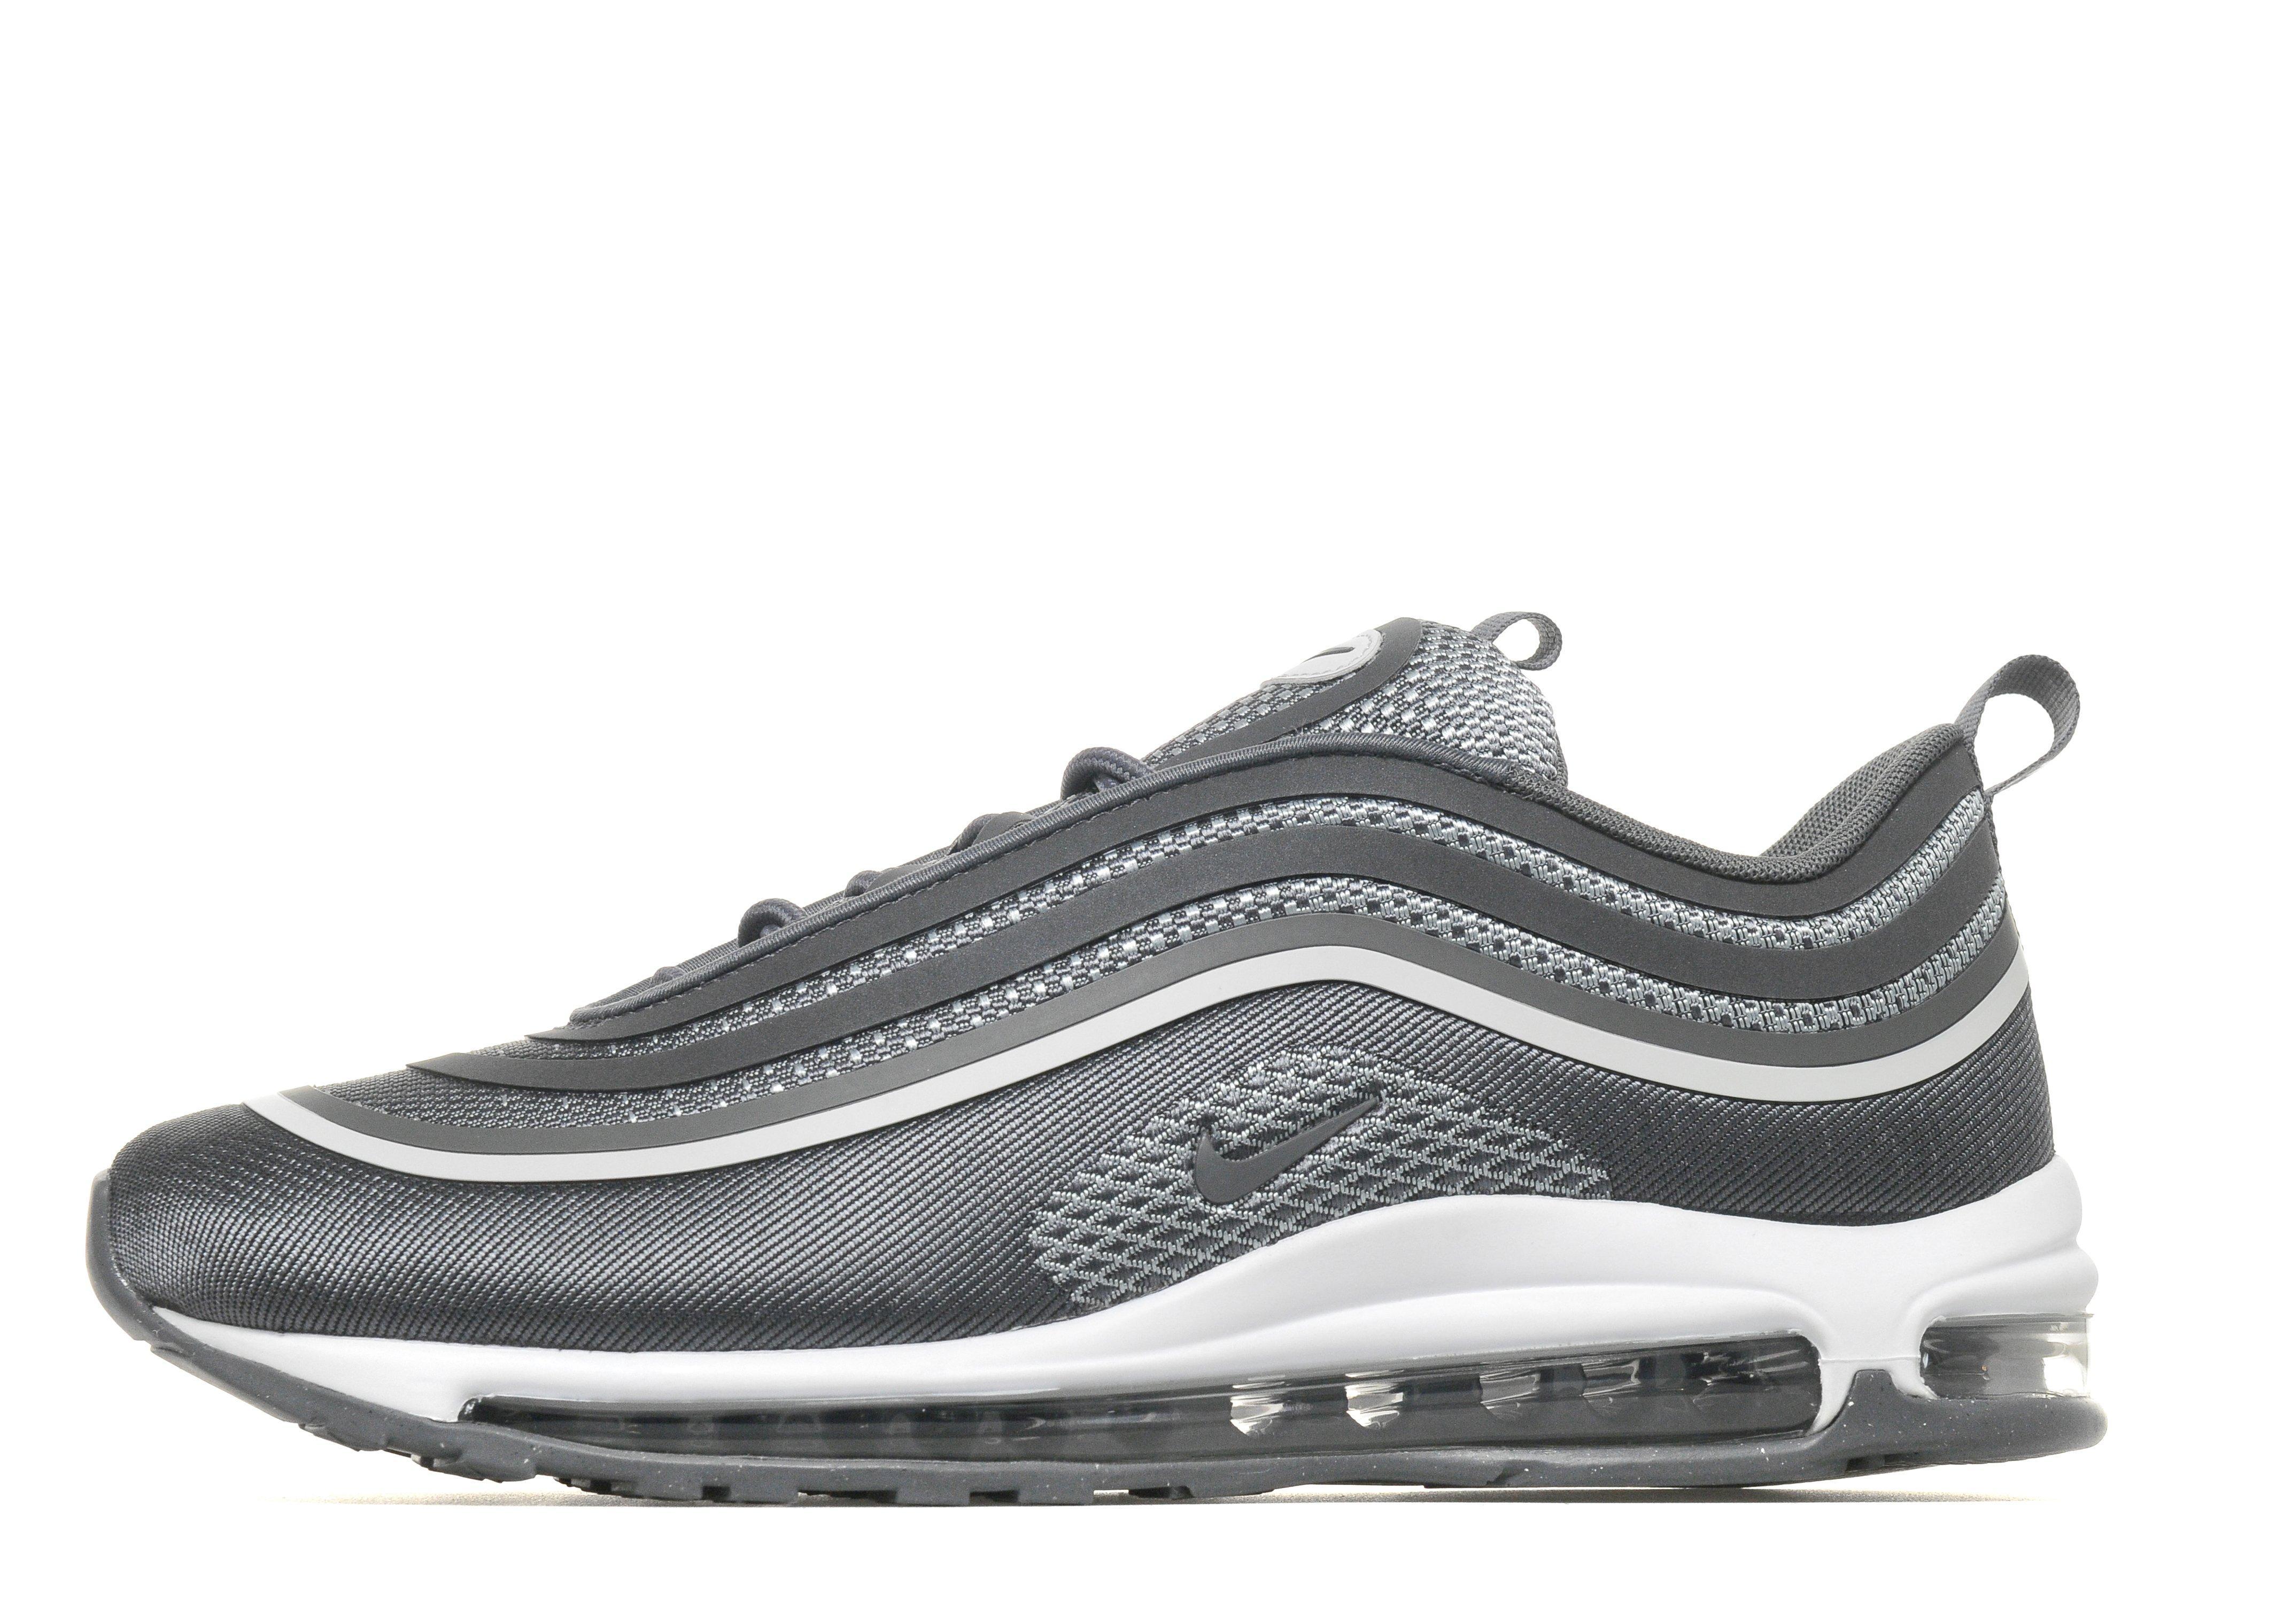 8971f4531f01f Nike Dual Fusion India All Black Skate Shoes